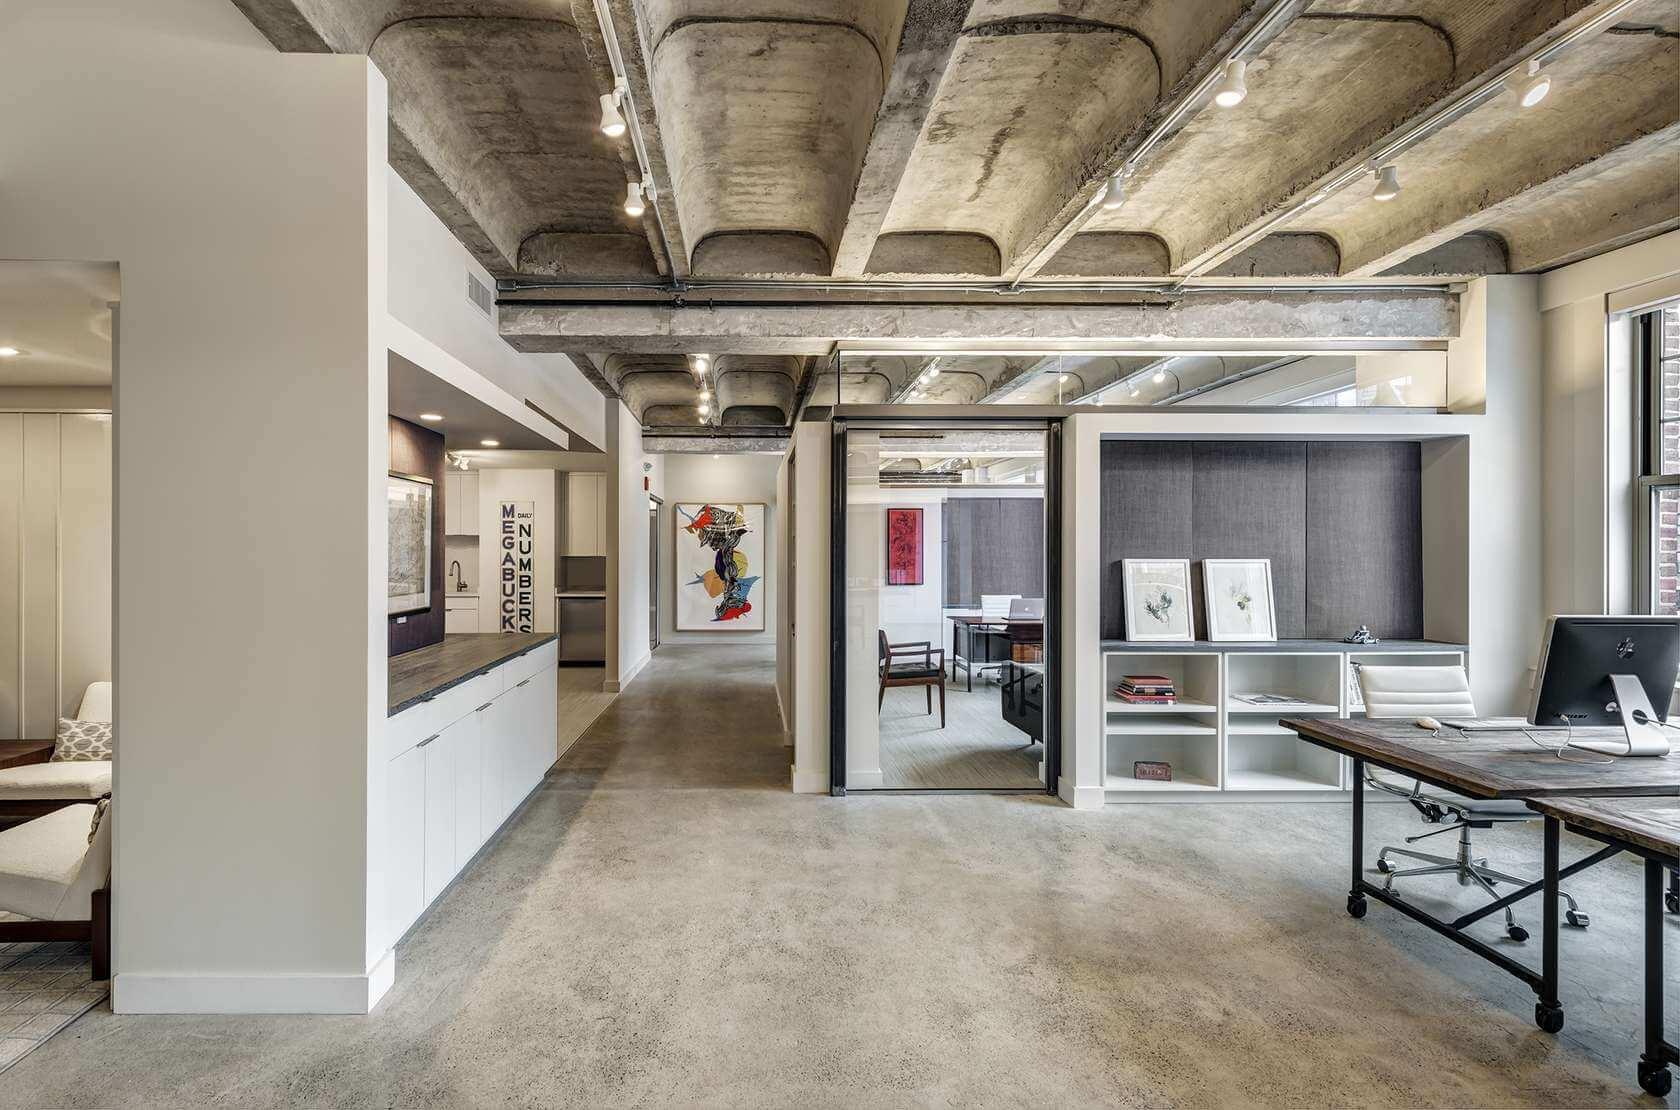 Нарочитое отсутствие отделки на потолке - приоритет стиля лофт